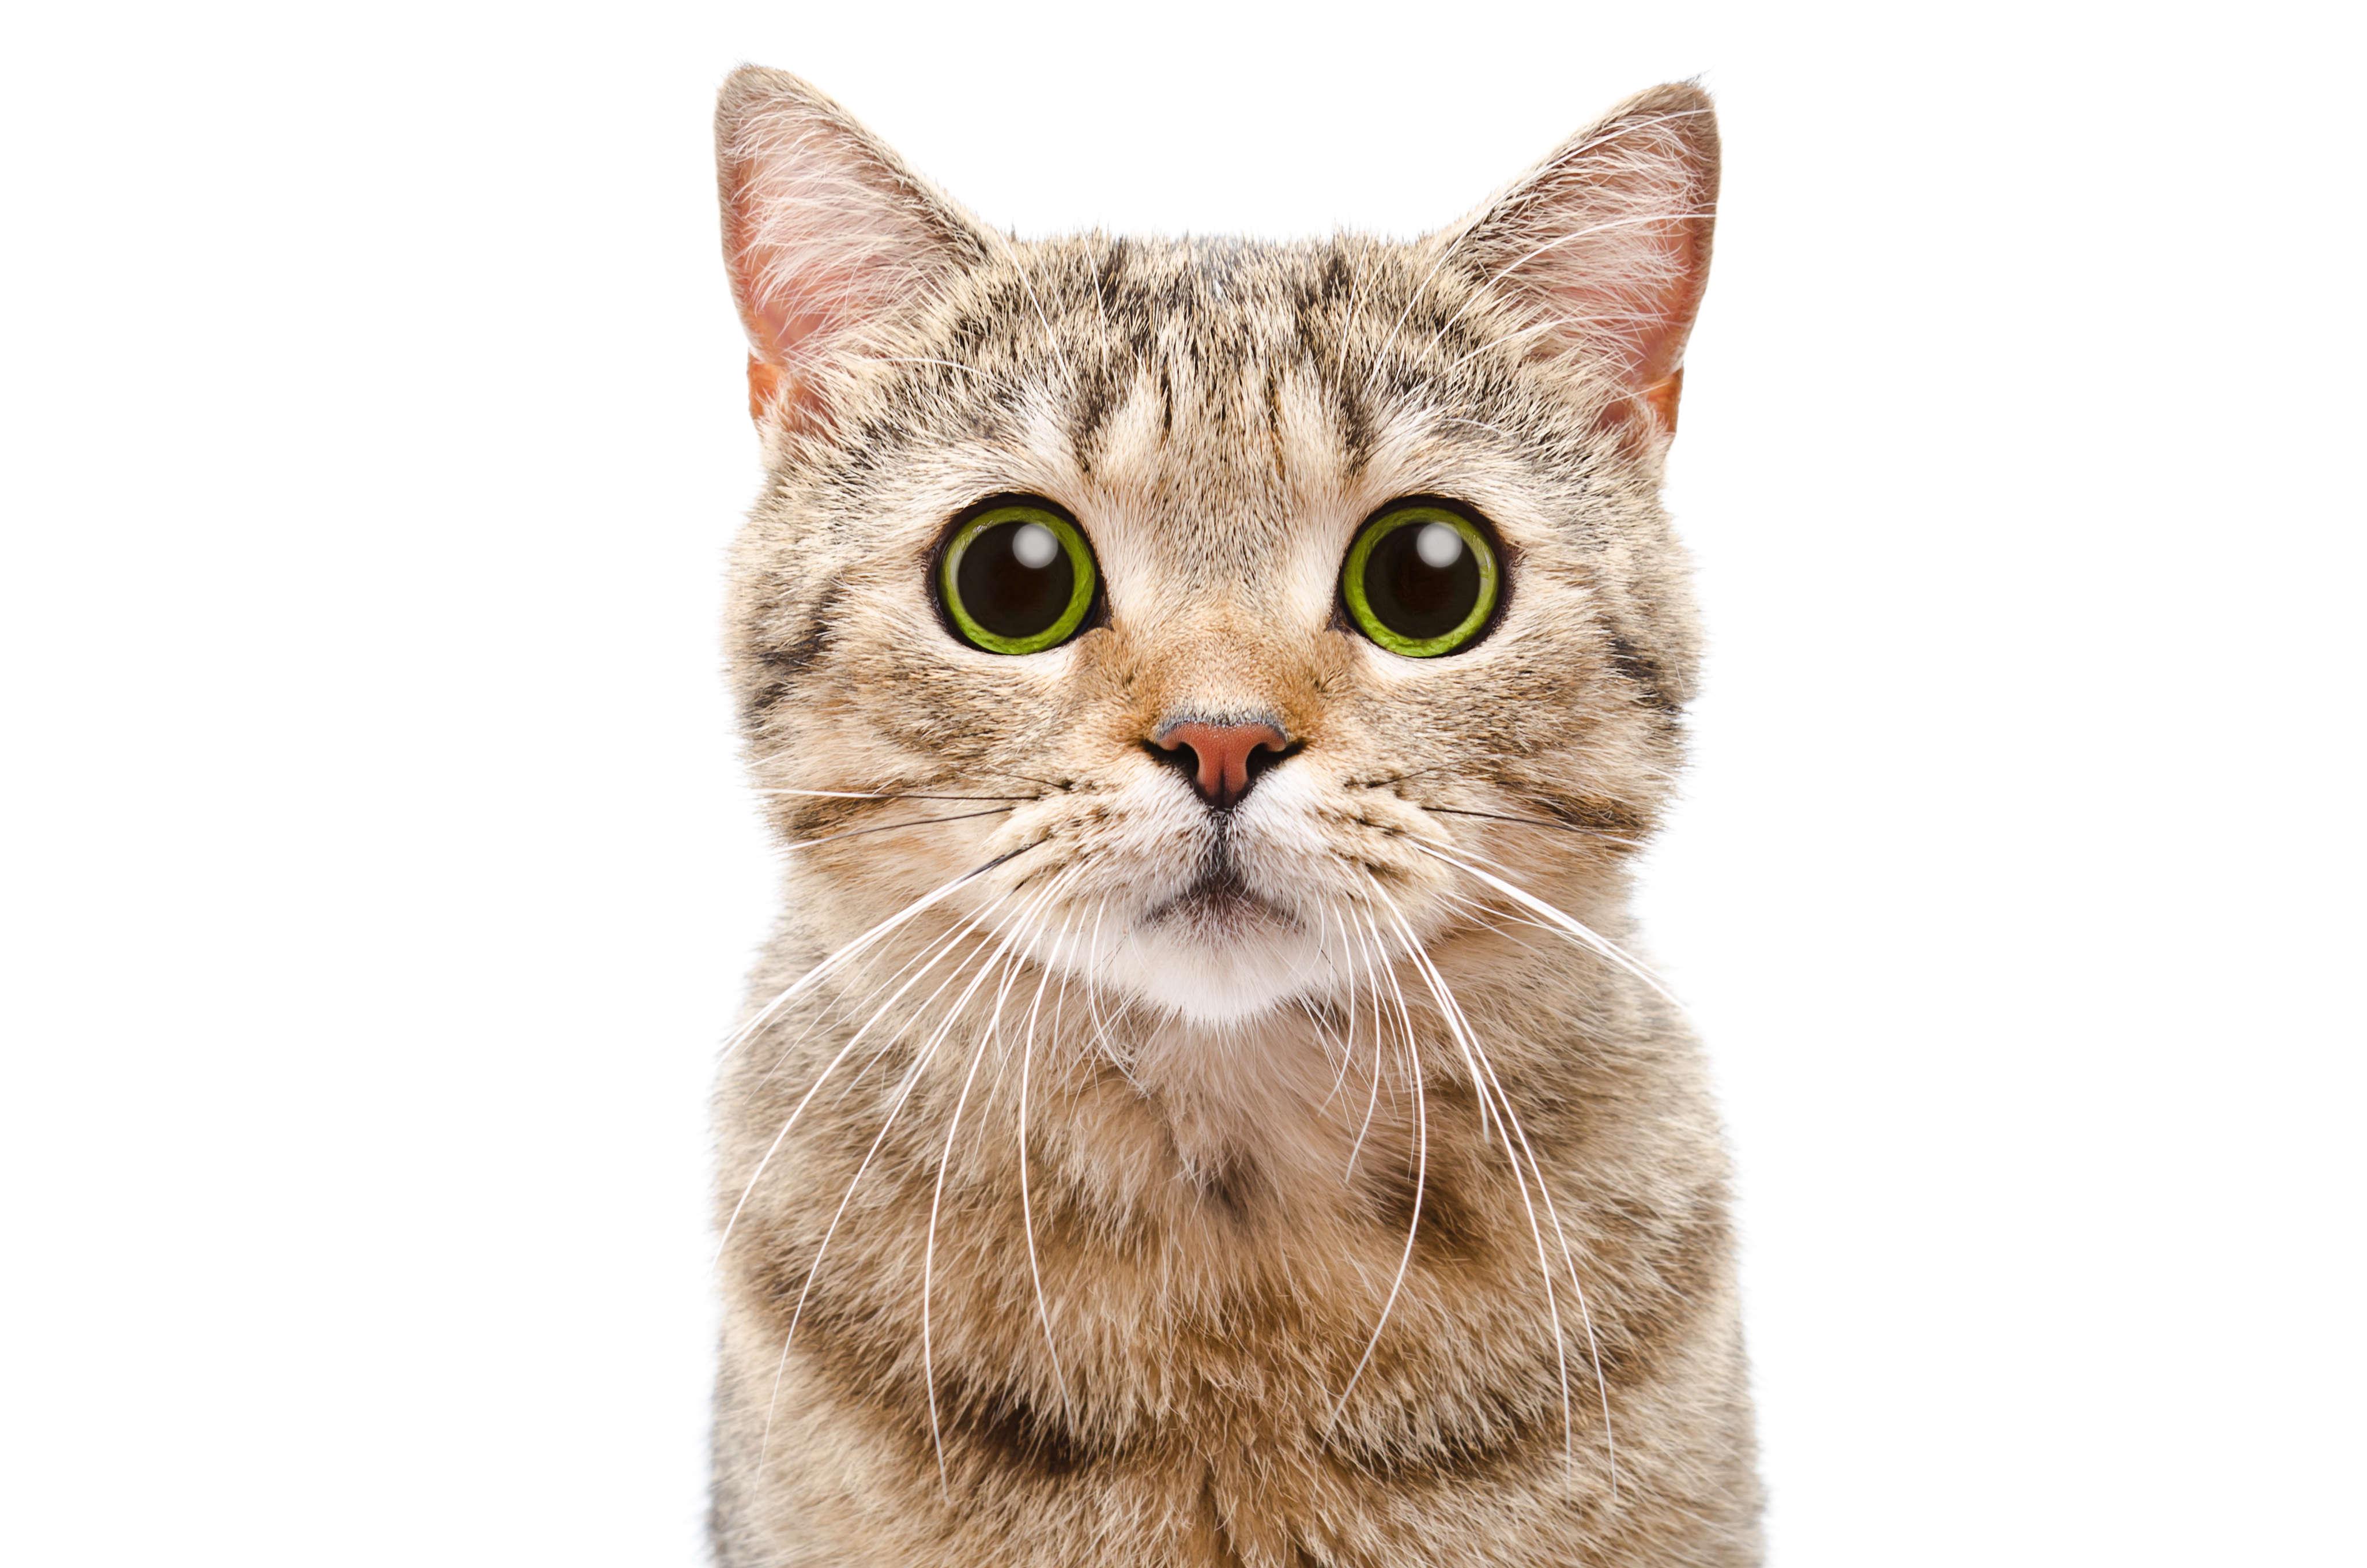 An avatar of a cat